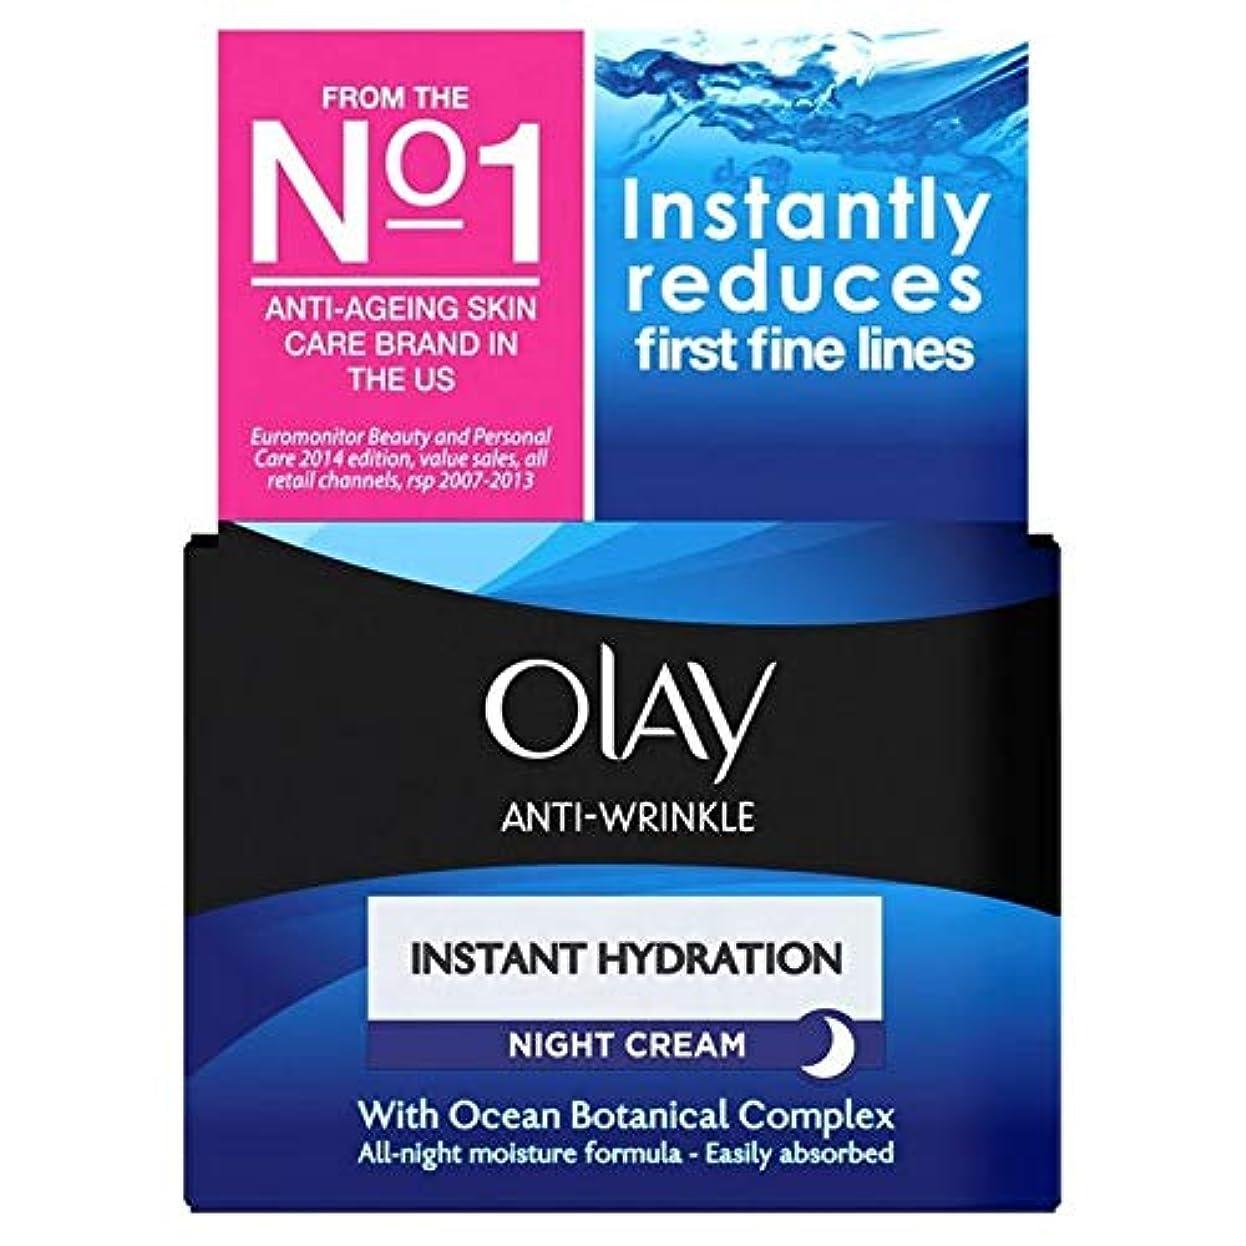 言い換えると事前交通[Olay ] オーレイ抗しわインスタント水和保湿ナイトクリーム50ミリリットル - Olay Anti-Wrinkle Instant Hydration Moisturiser Night Cream 50ml [並行輸入品]